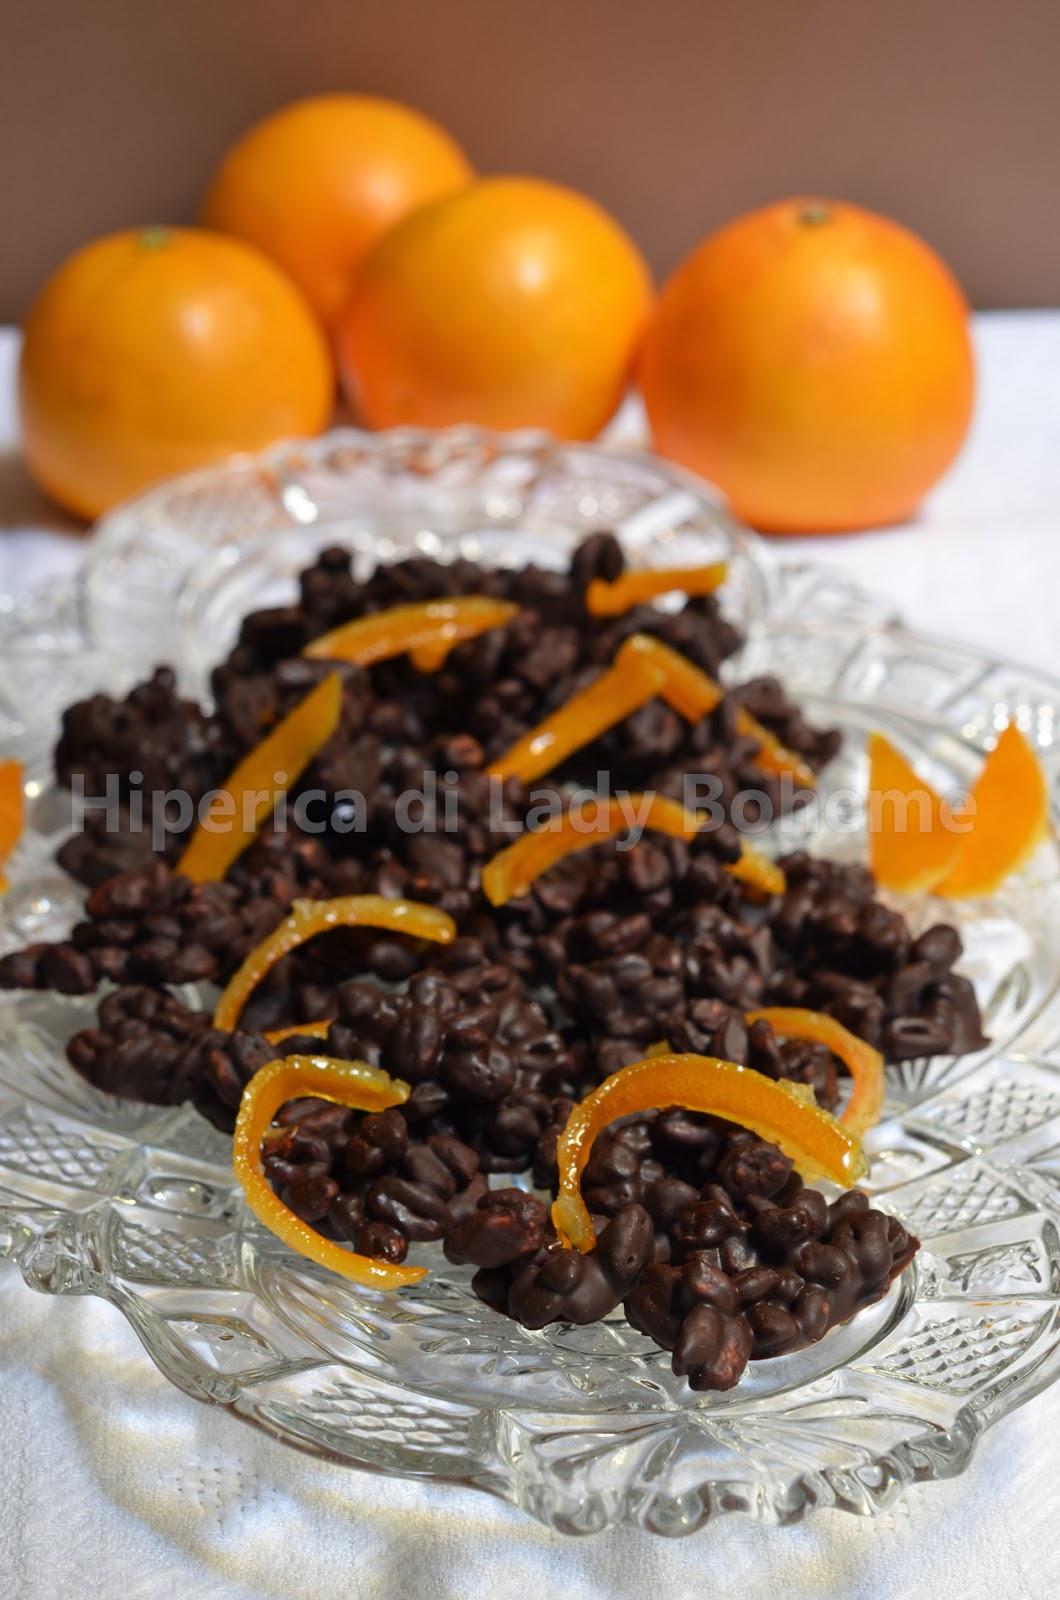 hiperica_lady_boheme_blog_cucina_ricette_gustose_facili_veloci_farro_soffiato_al_cioccolato_2